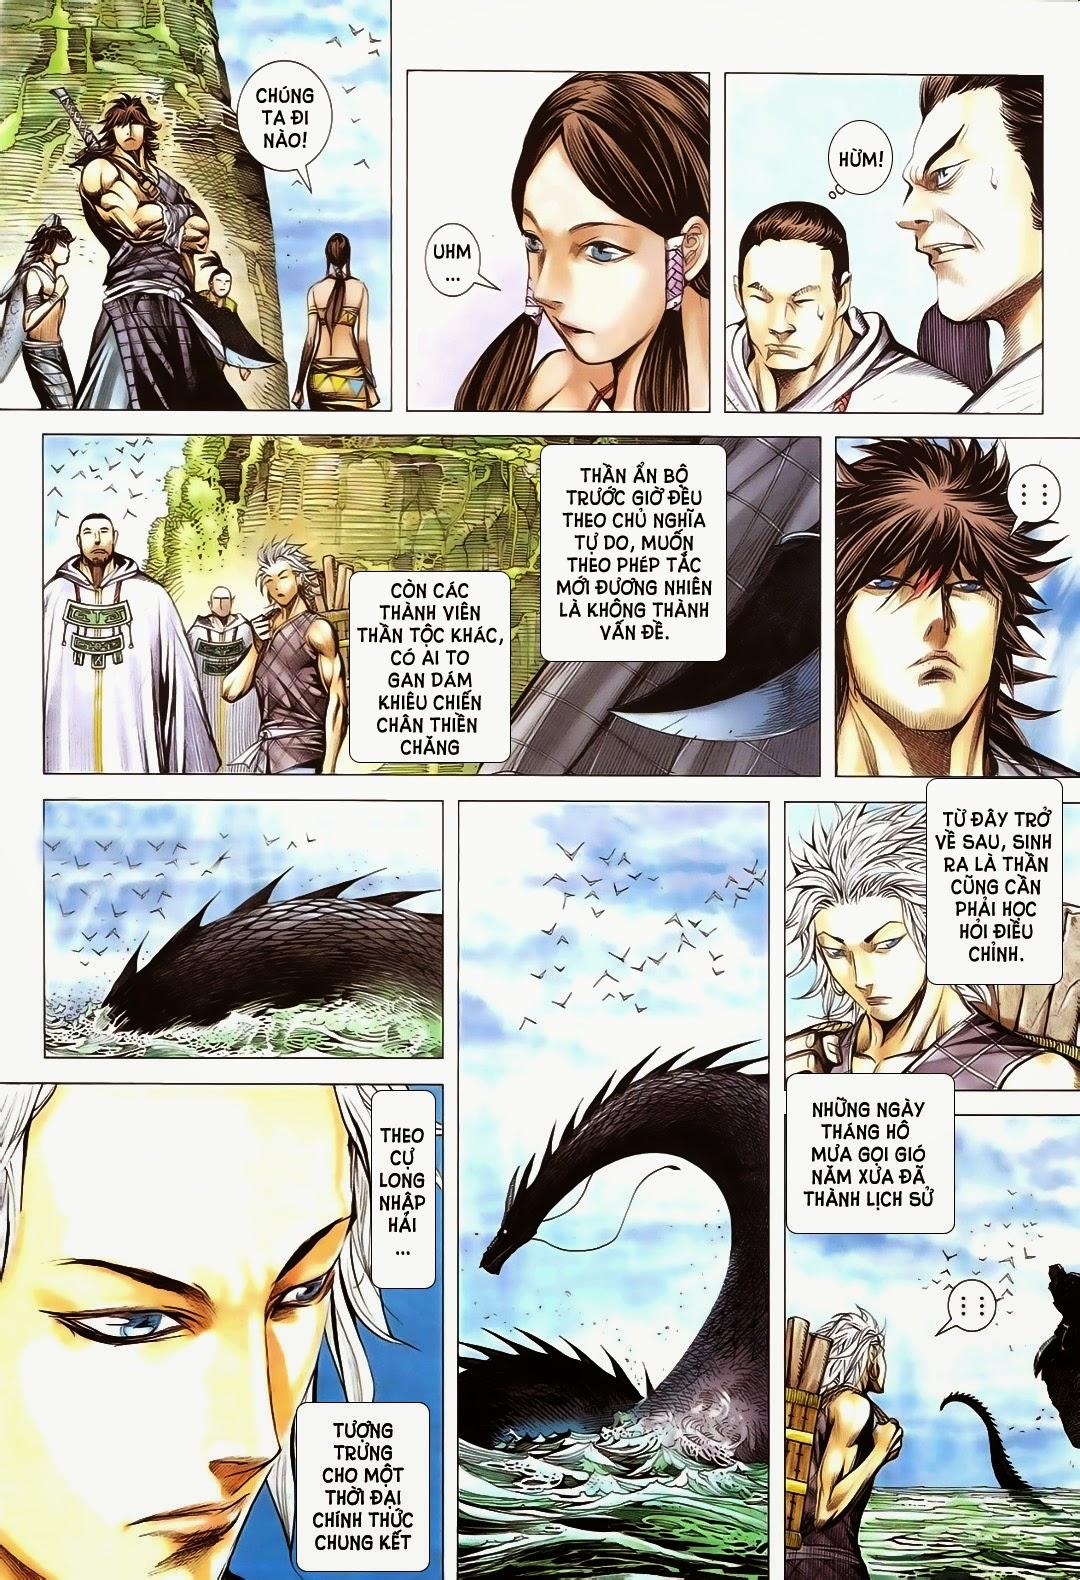 Phong Thần Ký chap 181 - Trang 14